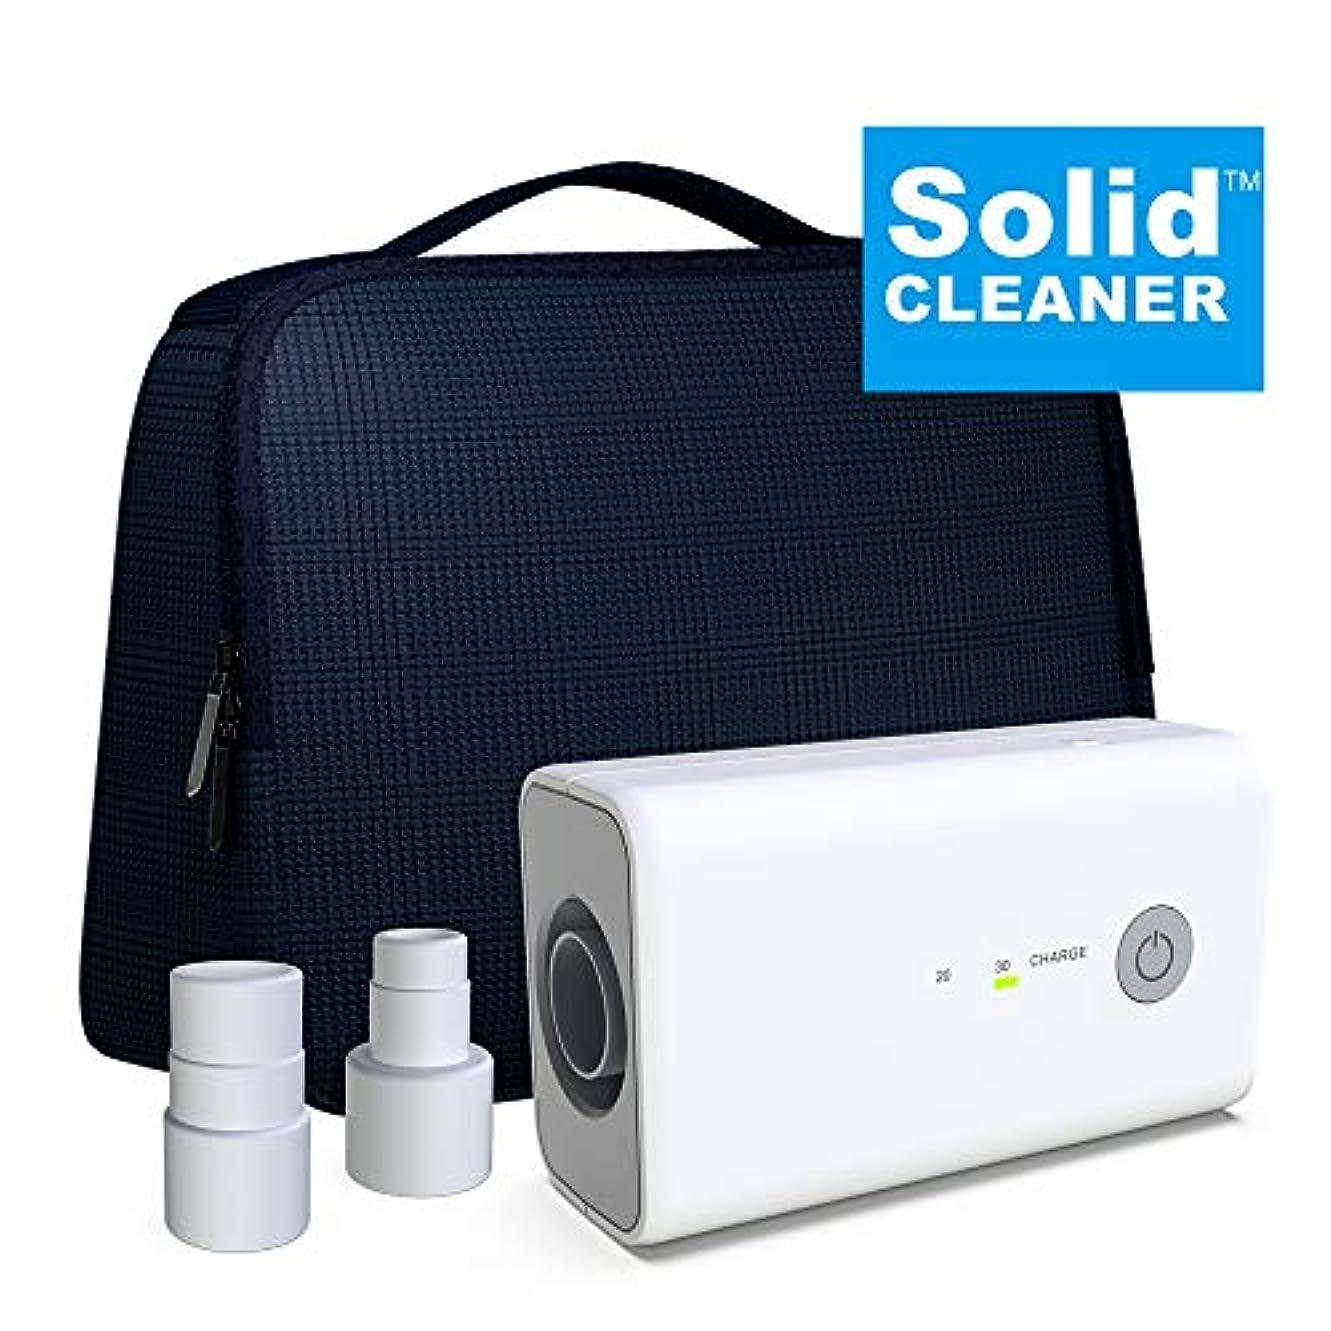 切り刻むヒステリック接地Solidcleaner 新しい クリーナーと消毒剤 バンドル バッグ互換性 加熱ホースアダプタアダプタポータブル充電式マスクチューブクリーナーを消毒含み Upgraedバンドル ライトグレー